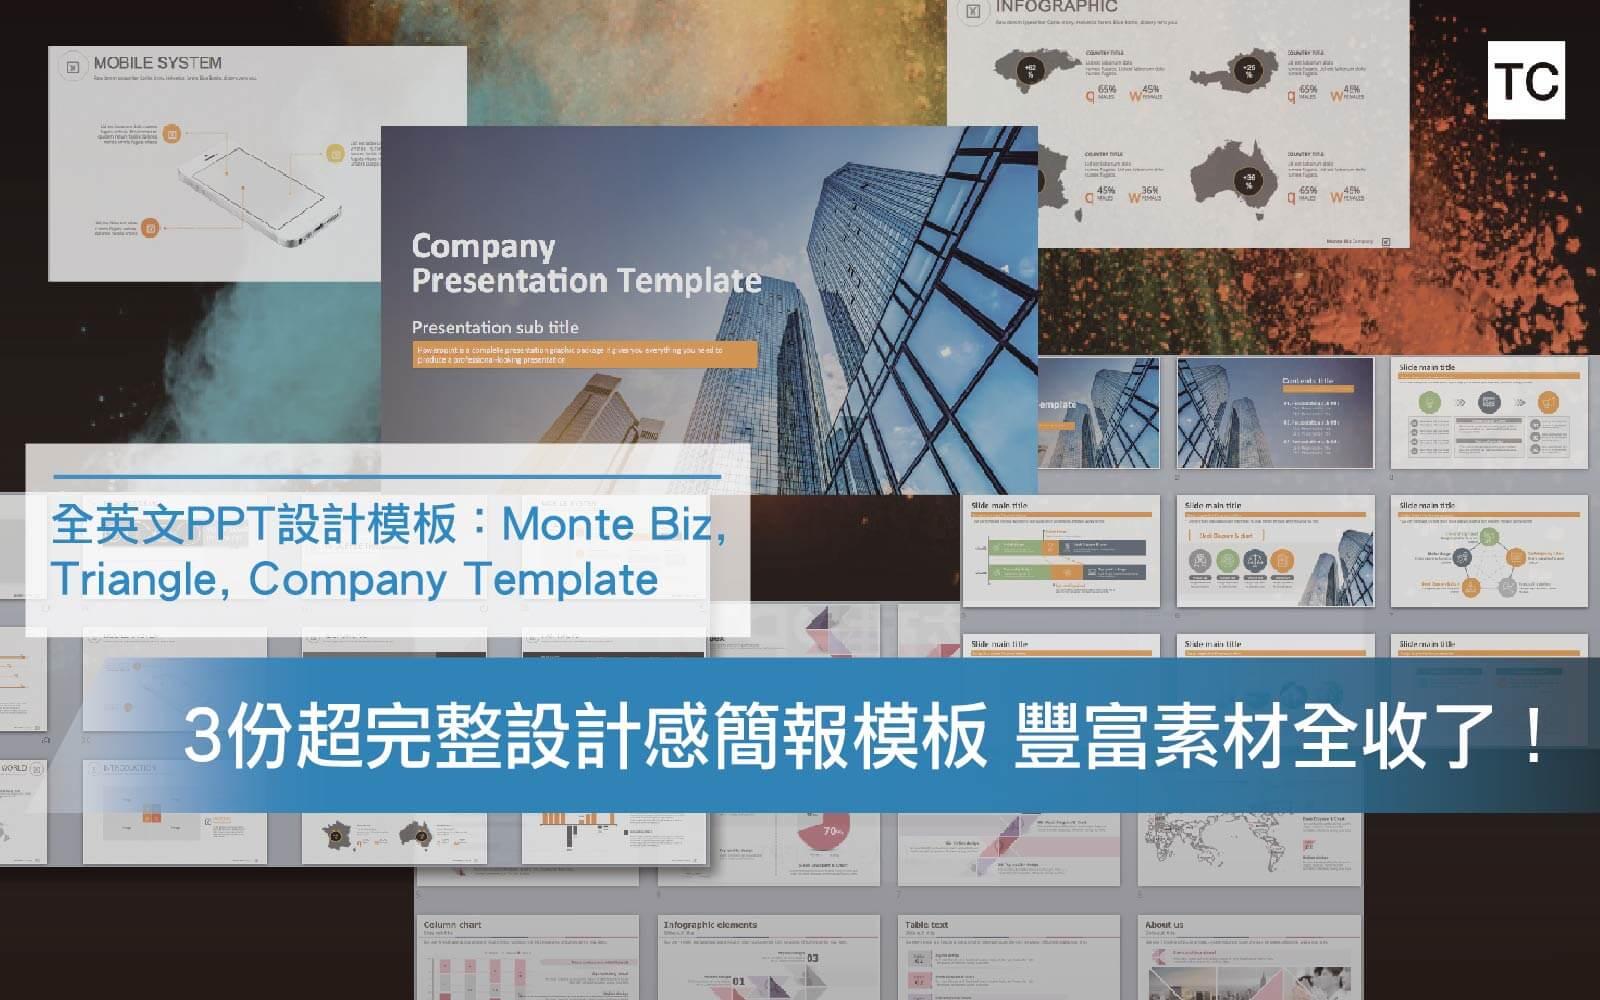 3種超完整全英文簡報範例模板,讓你的簡報看起來更專業